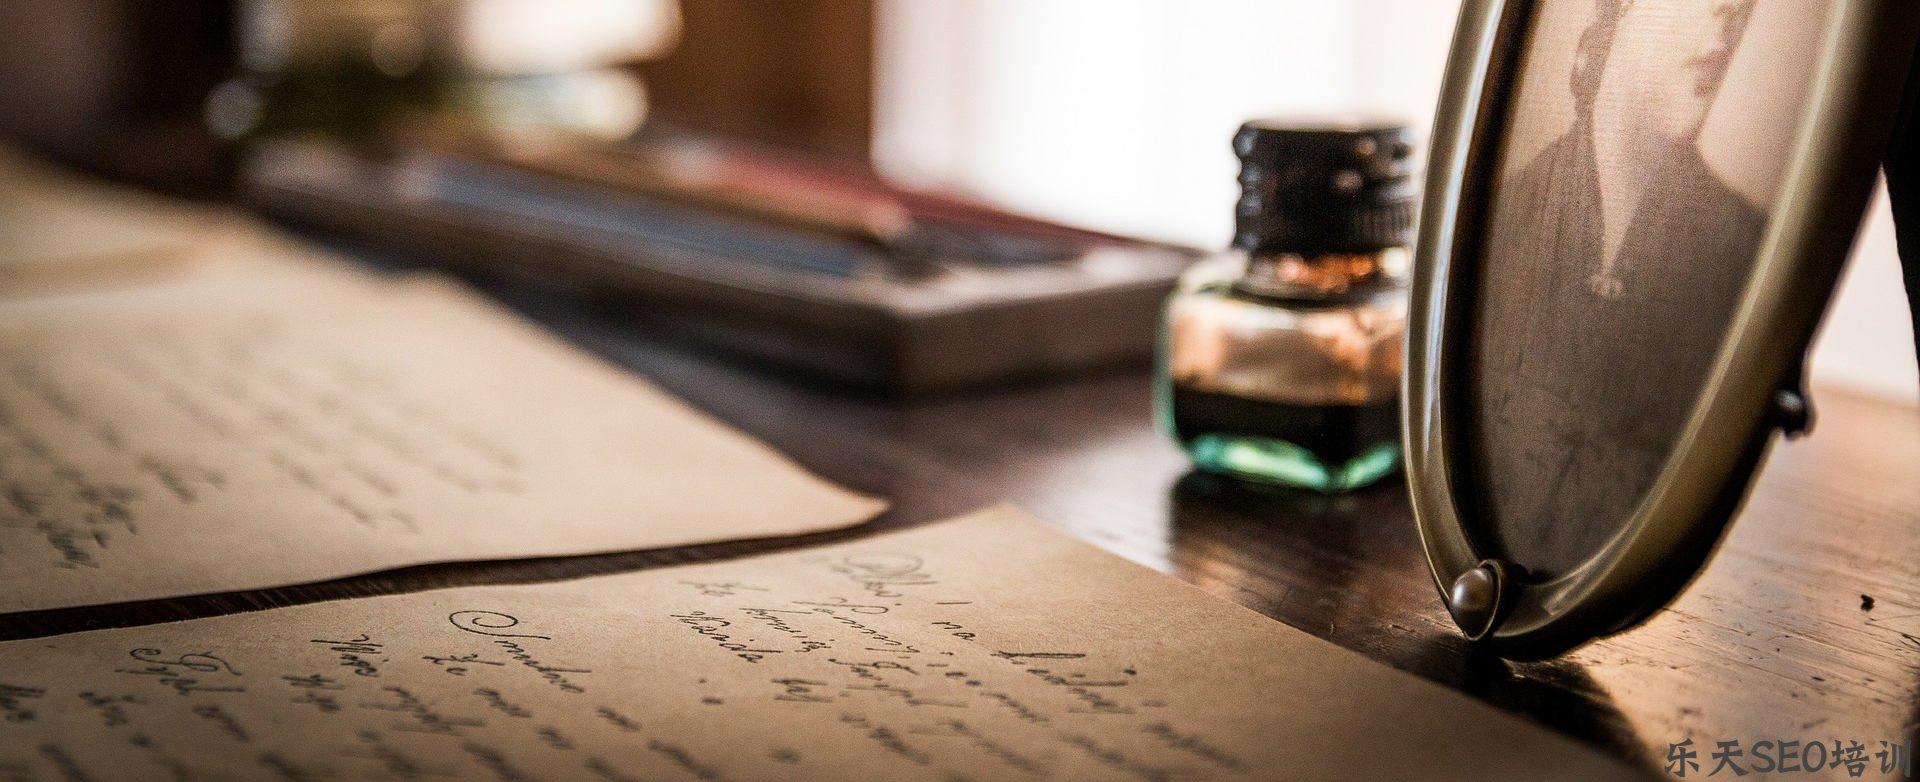 【搜索引擎优化指南】金皇朝注册:整理一下SEO高质量文章的套路